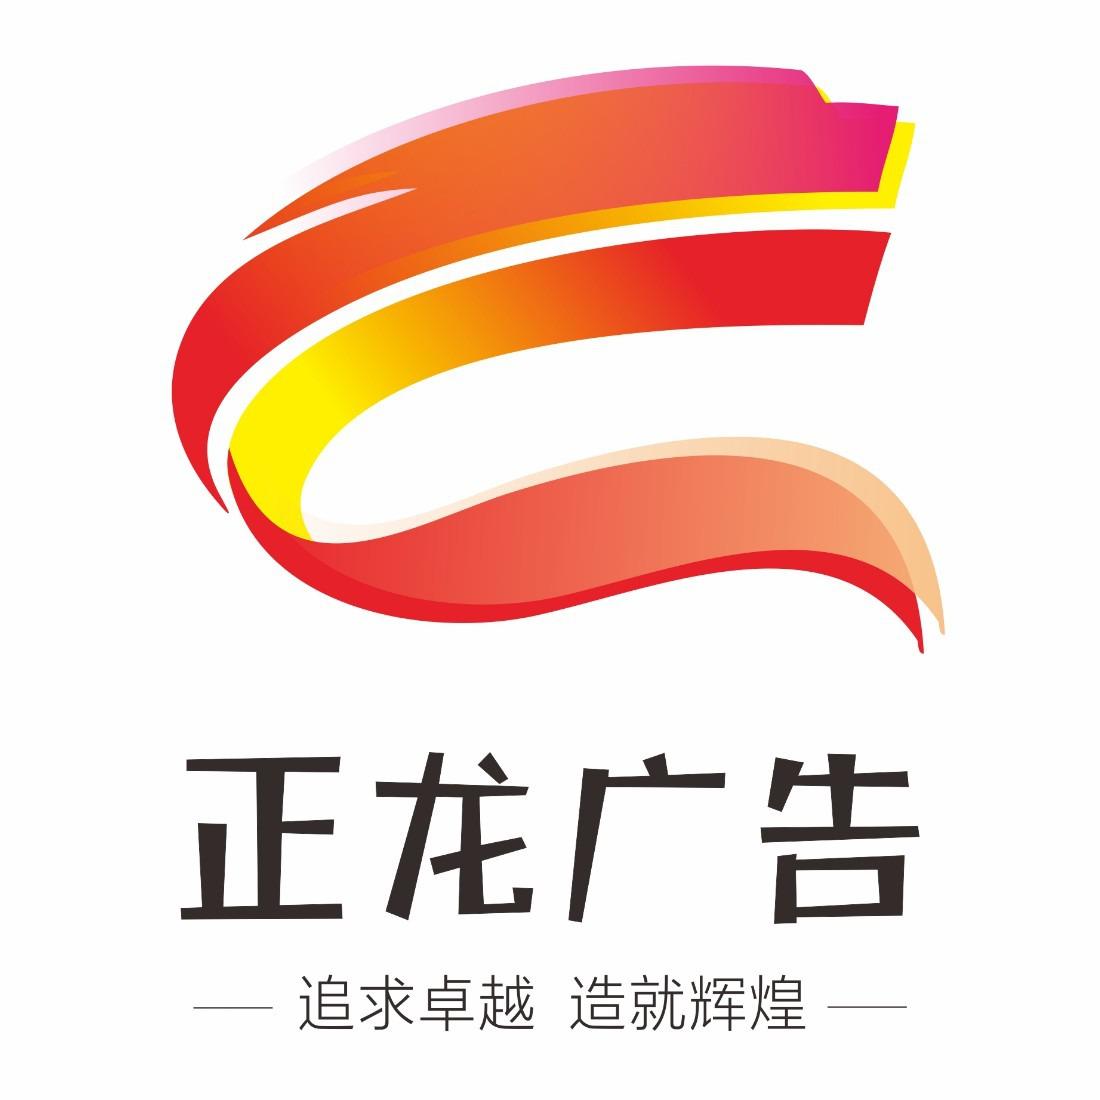 合川区正龙广告工作室